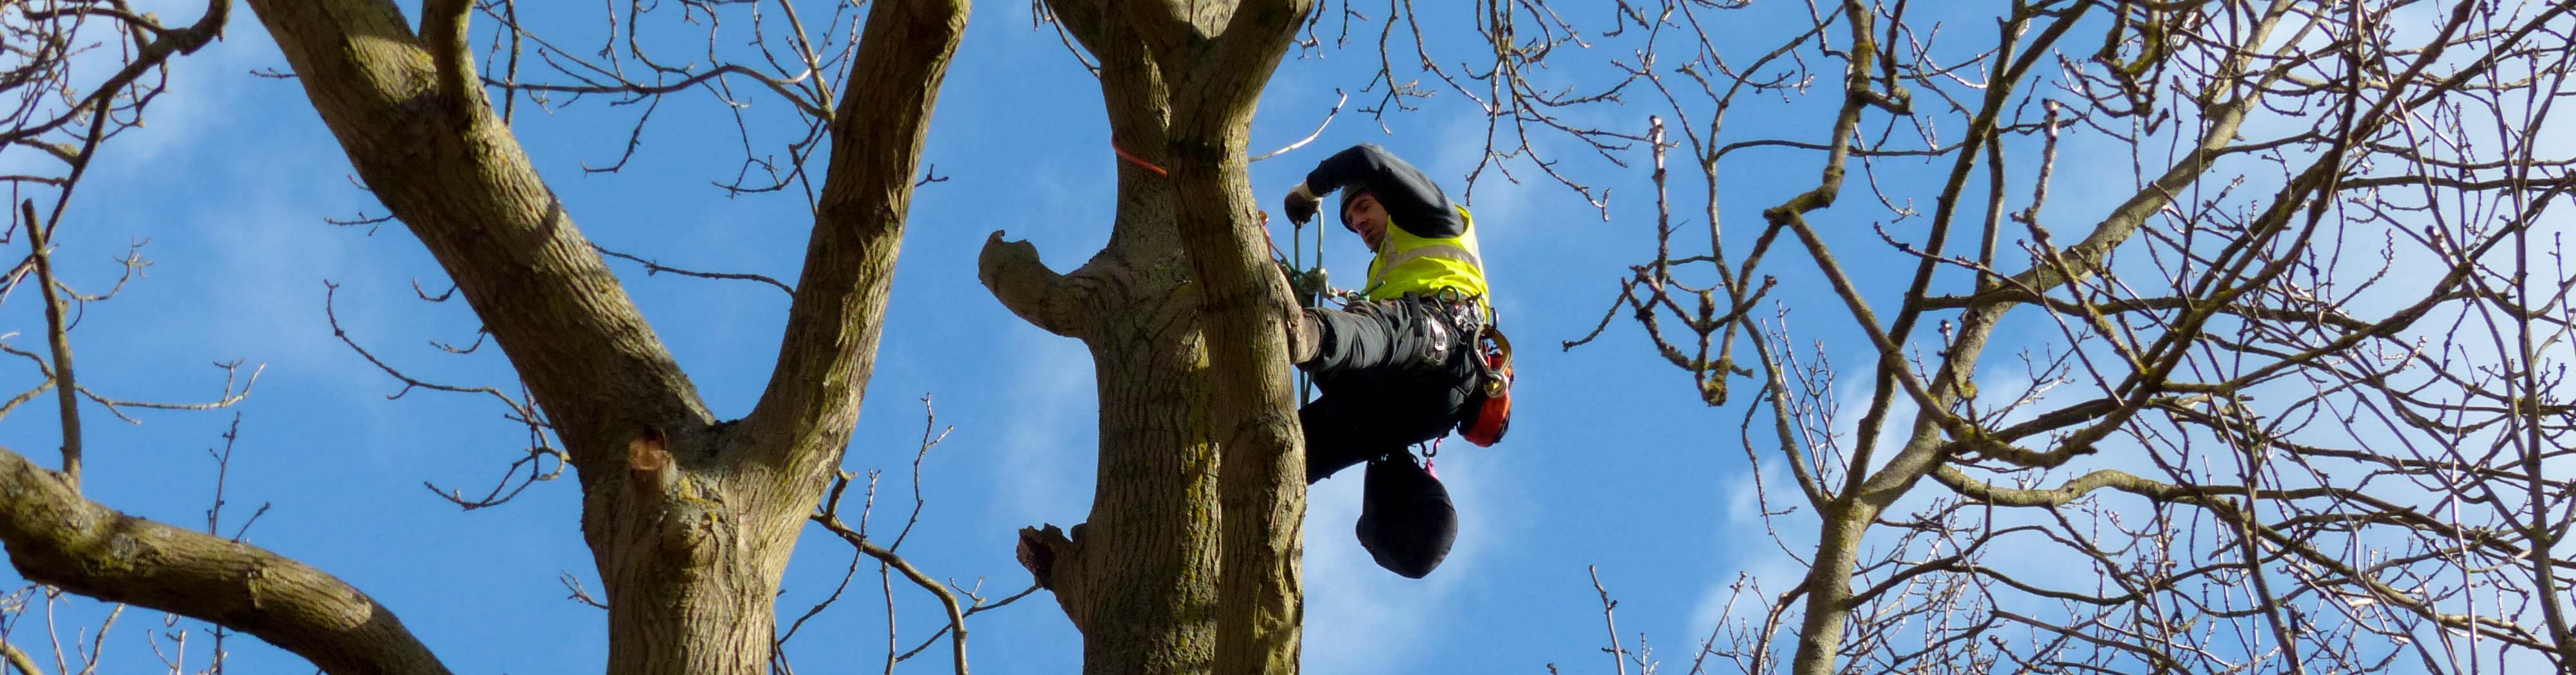 Tree Survey for Bats